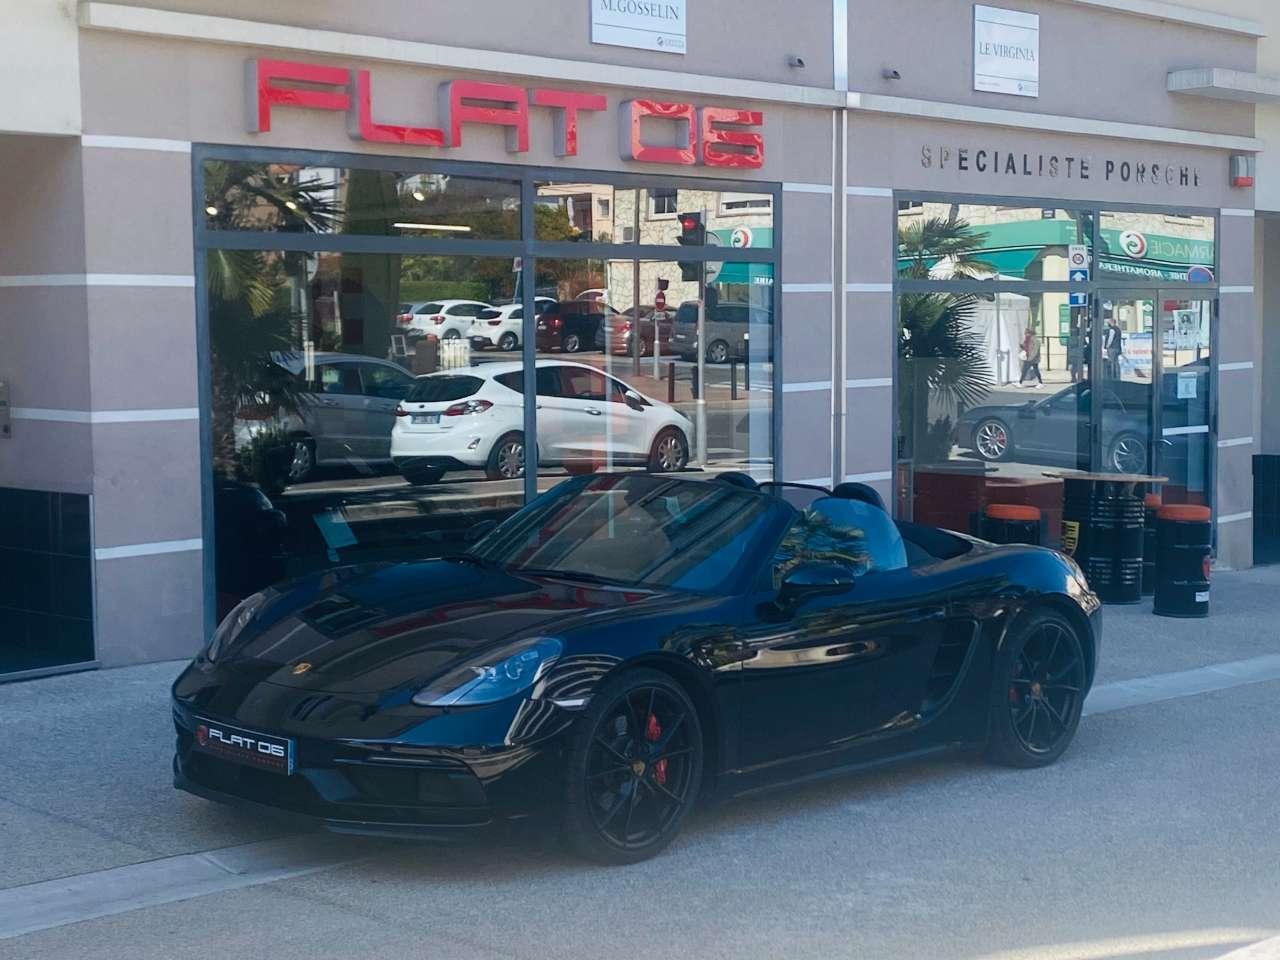 PORSCHE BOXSTER 718 2.5i GTS 365 cv PDK Cabriolet / Convertible 10/2019